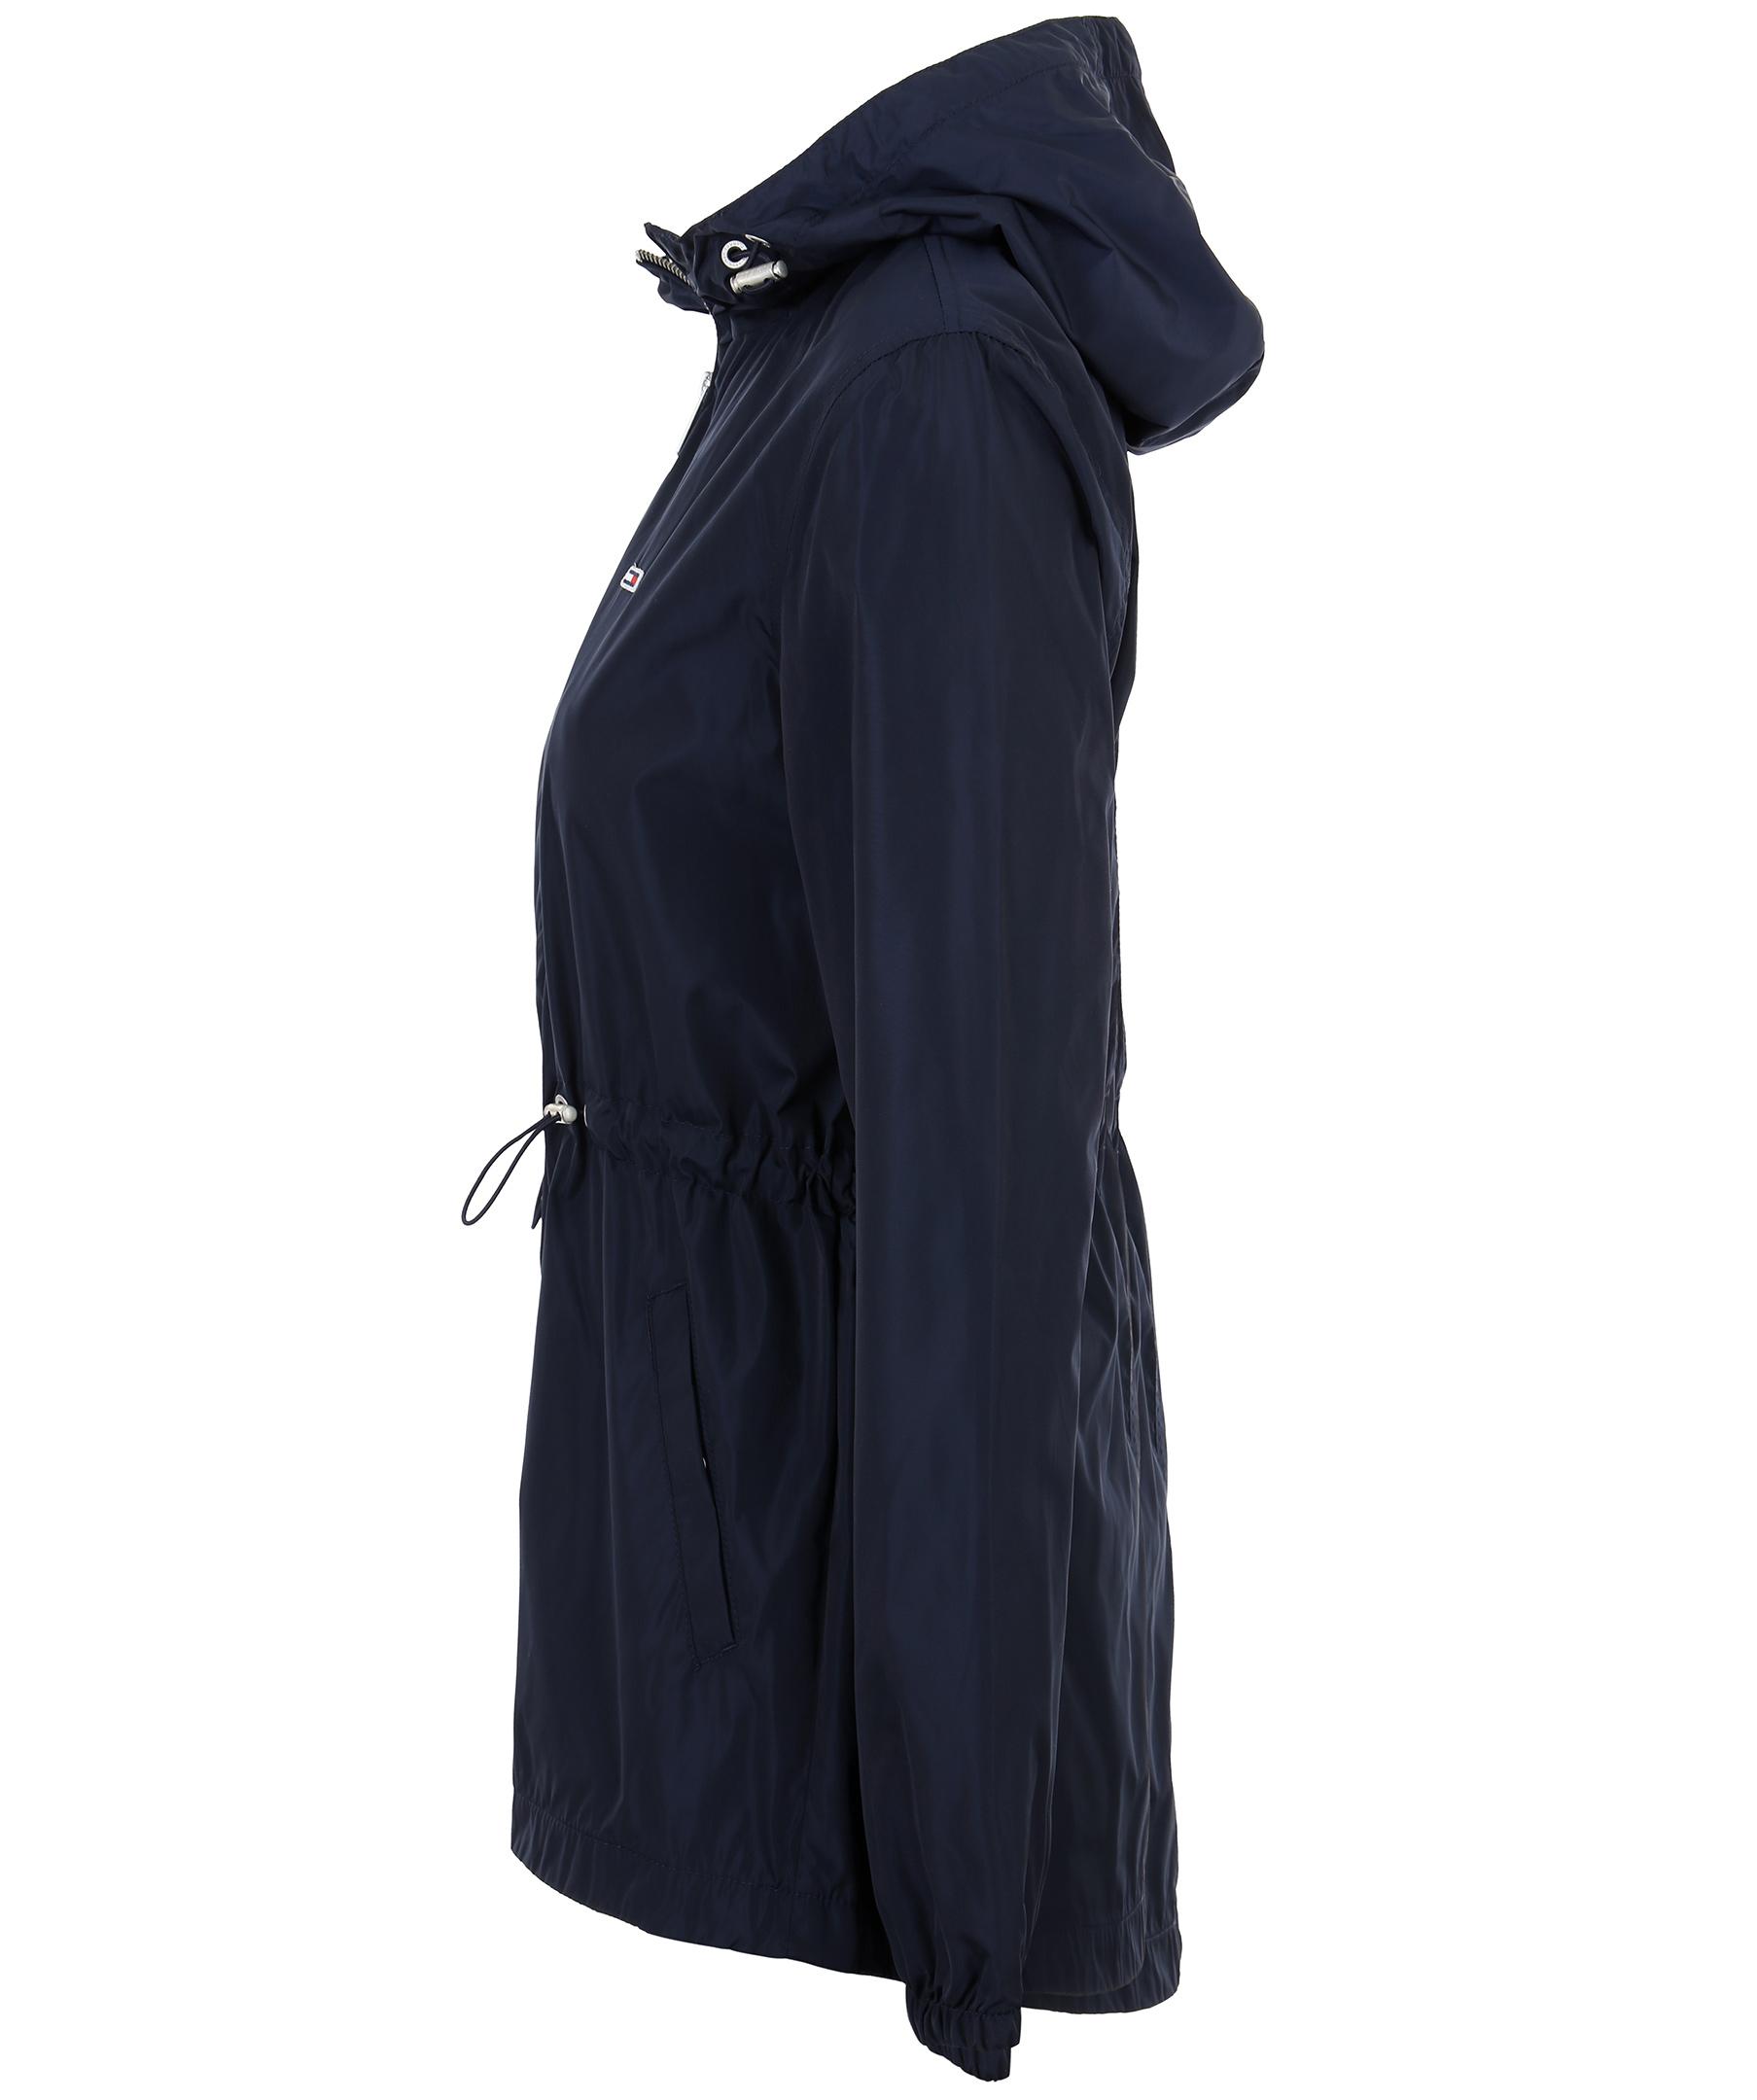 26227c77 Trendiga jackor för kvinnor | Johnells